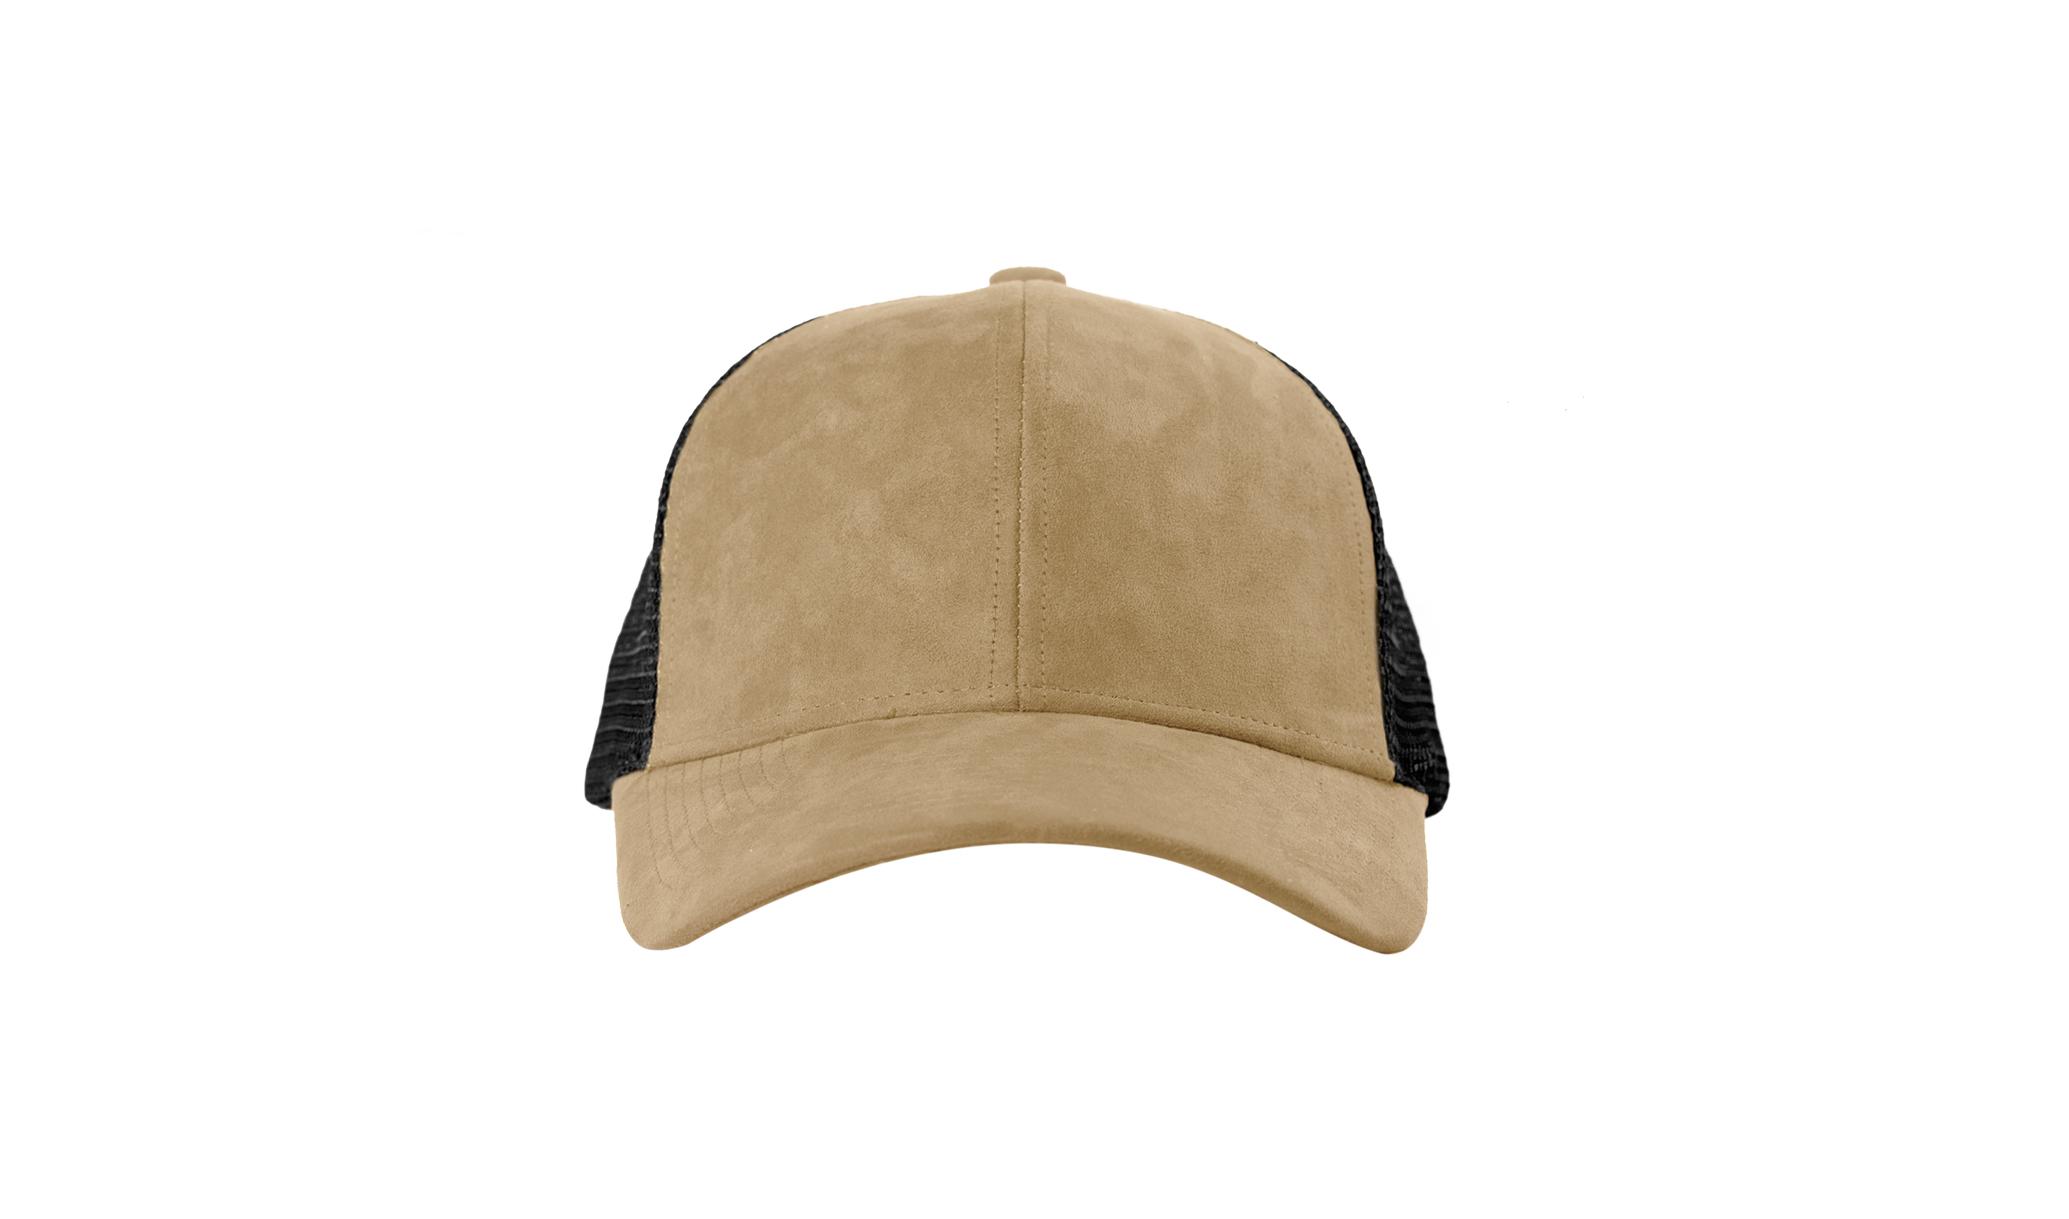 TRUCKER CAP SAND SUEDE FRONT